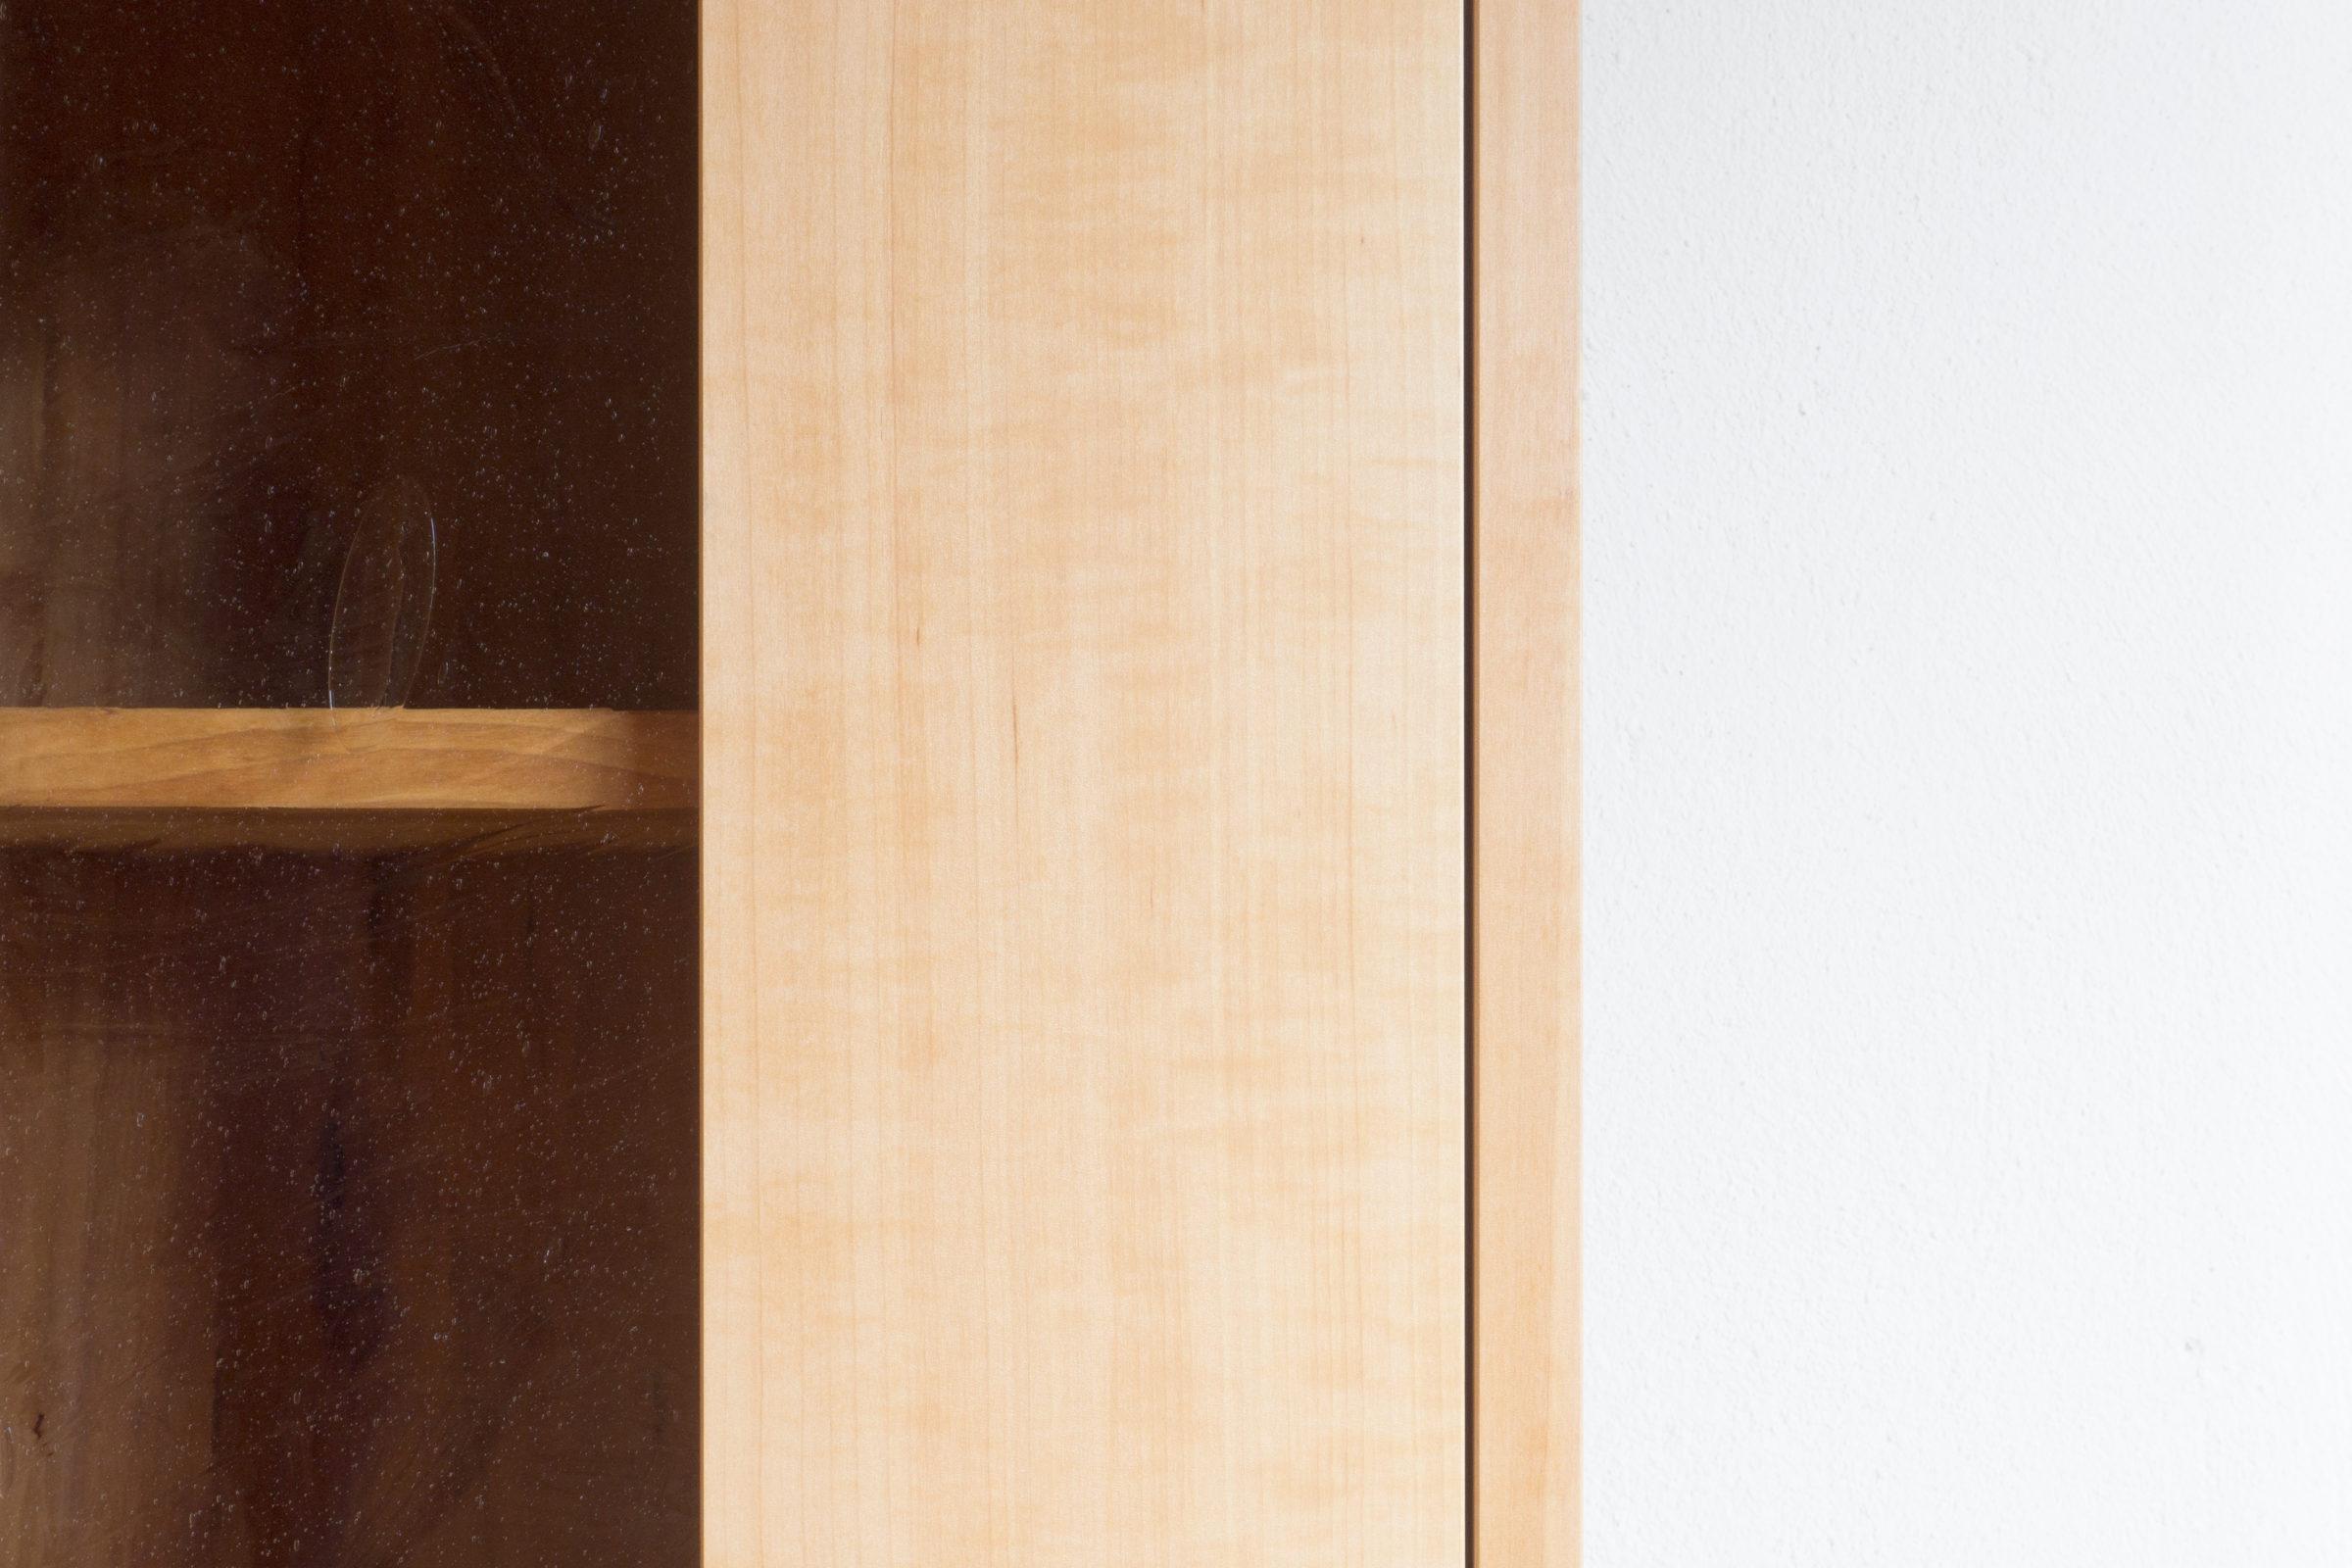 Kleiner Bücherkasten, Massivholzmöbel handgemacht, Hochwertige Möbel aus Massivholz, Holzoberflächen handgehobelt, Einzelmöbelstücke, The Trees of Lif